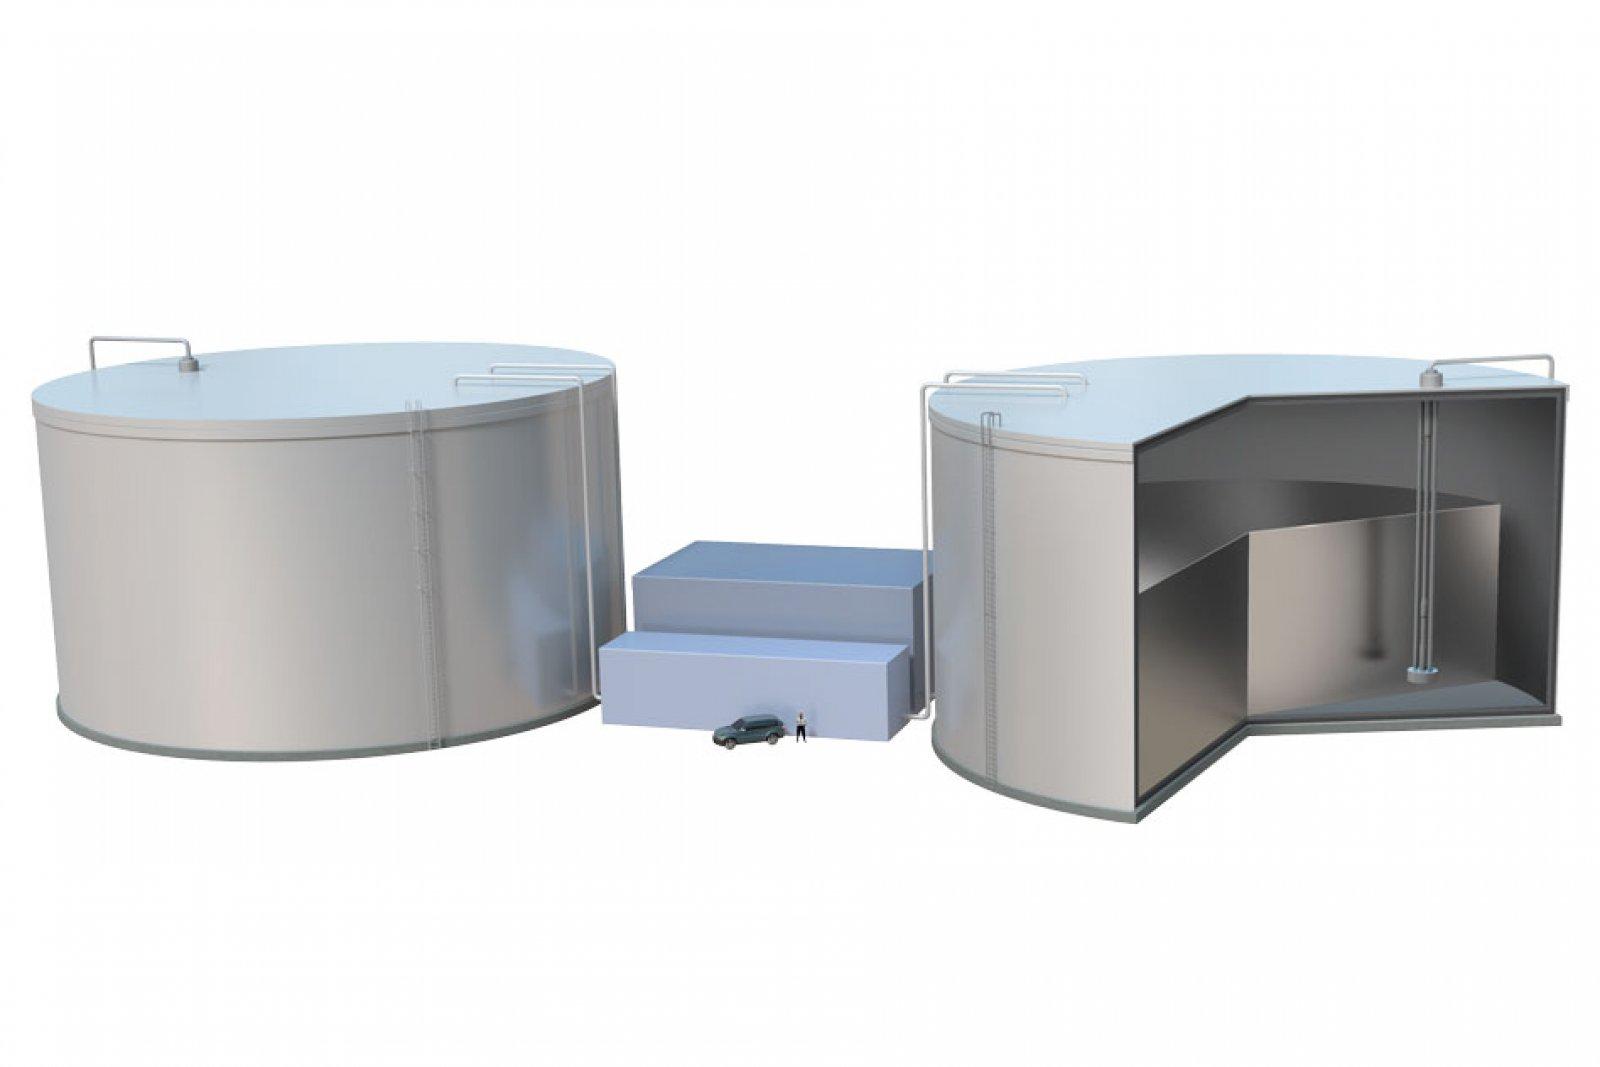 Model del sistema d'emmagatzematge d'energia desenvolupat pels enginyers del MIT